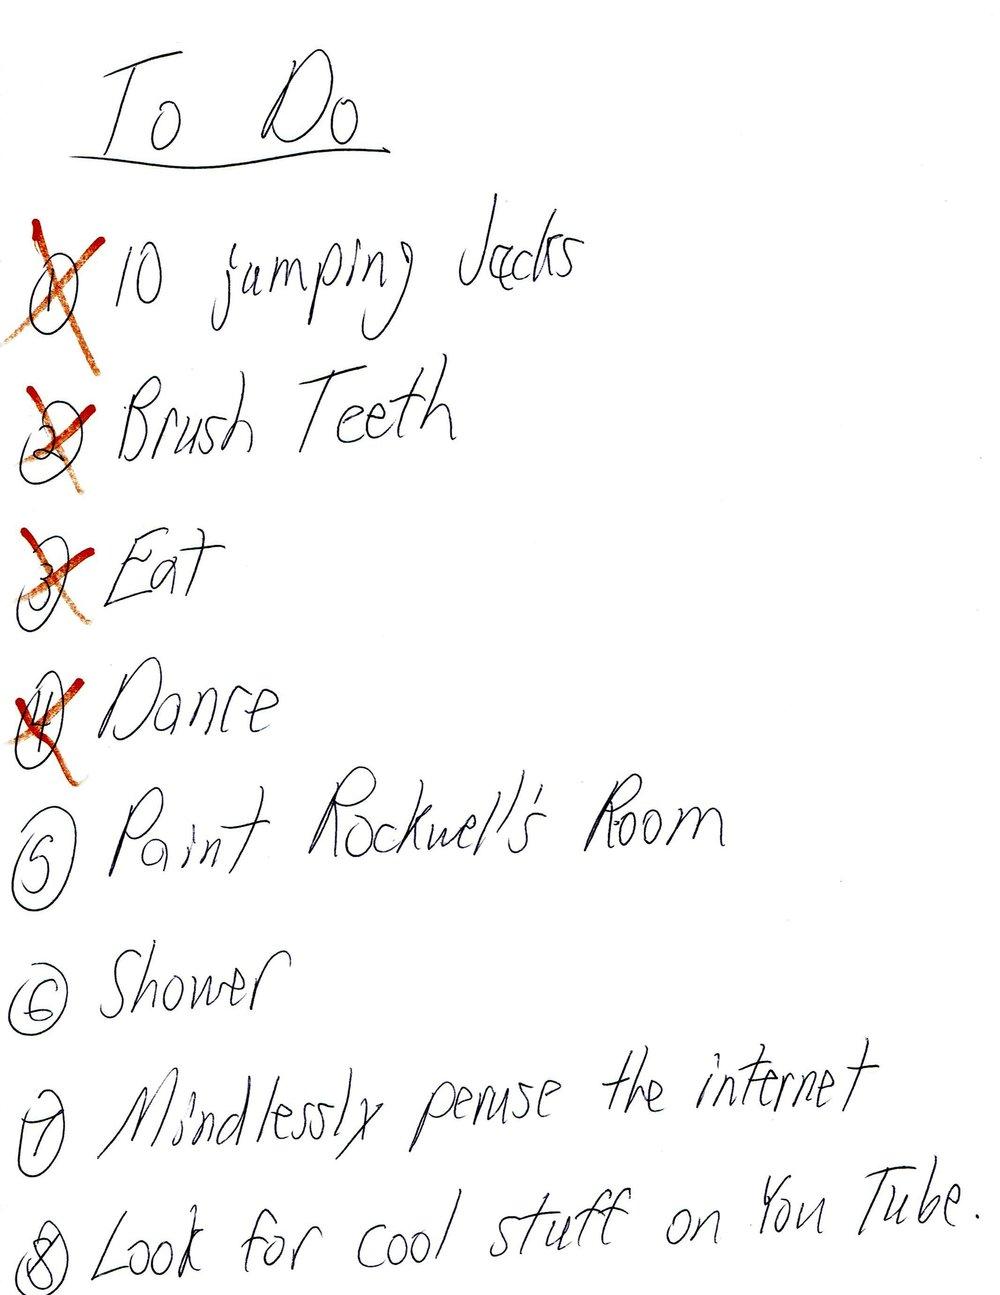 I love lists! -